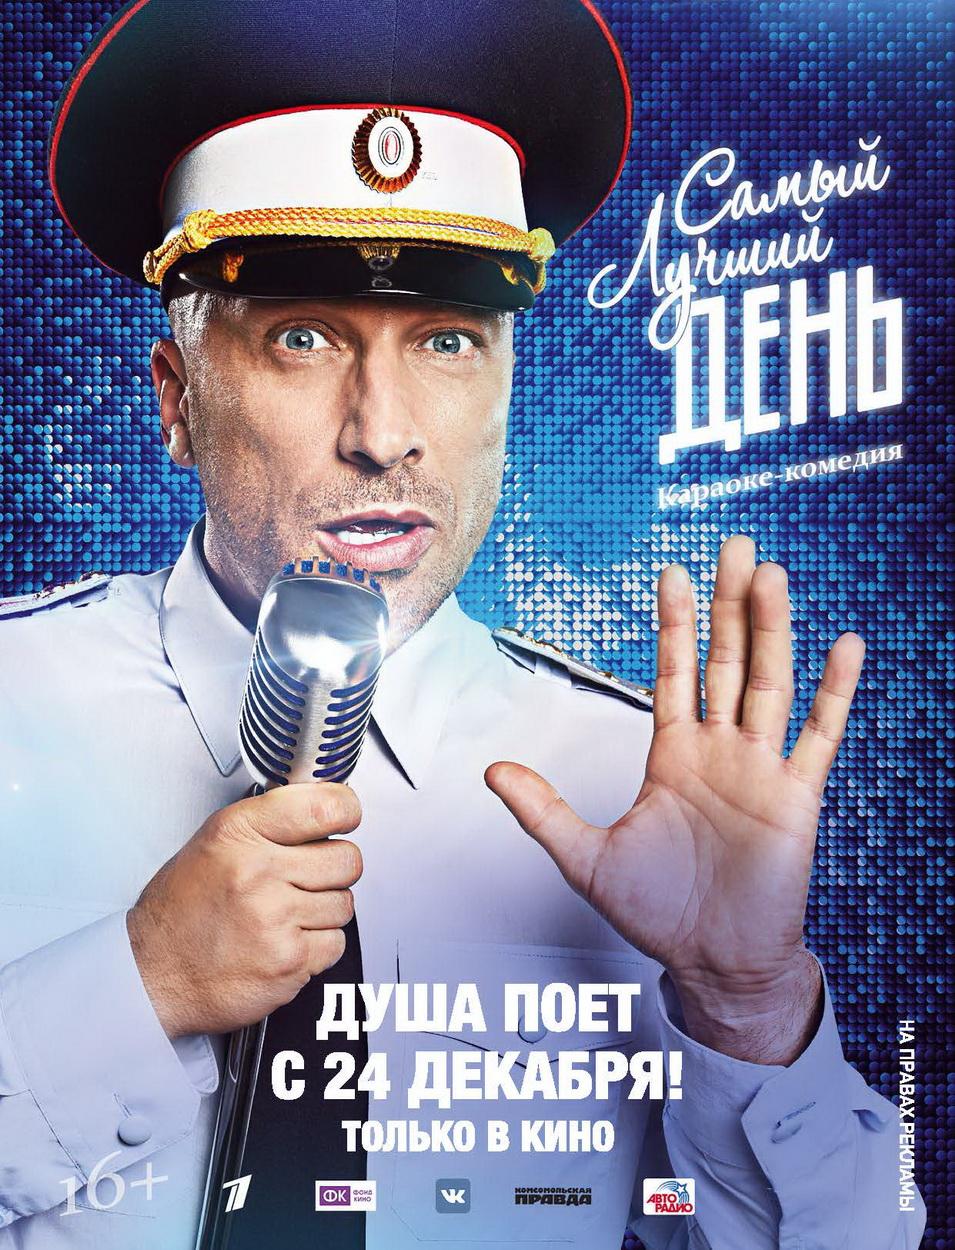 «Пятница Смотреть Онлайн Фильм Комедия Полностью 2016» / 2013